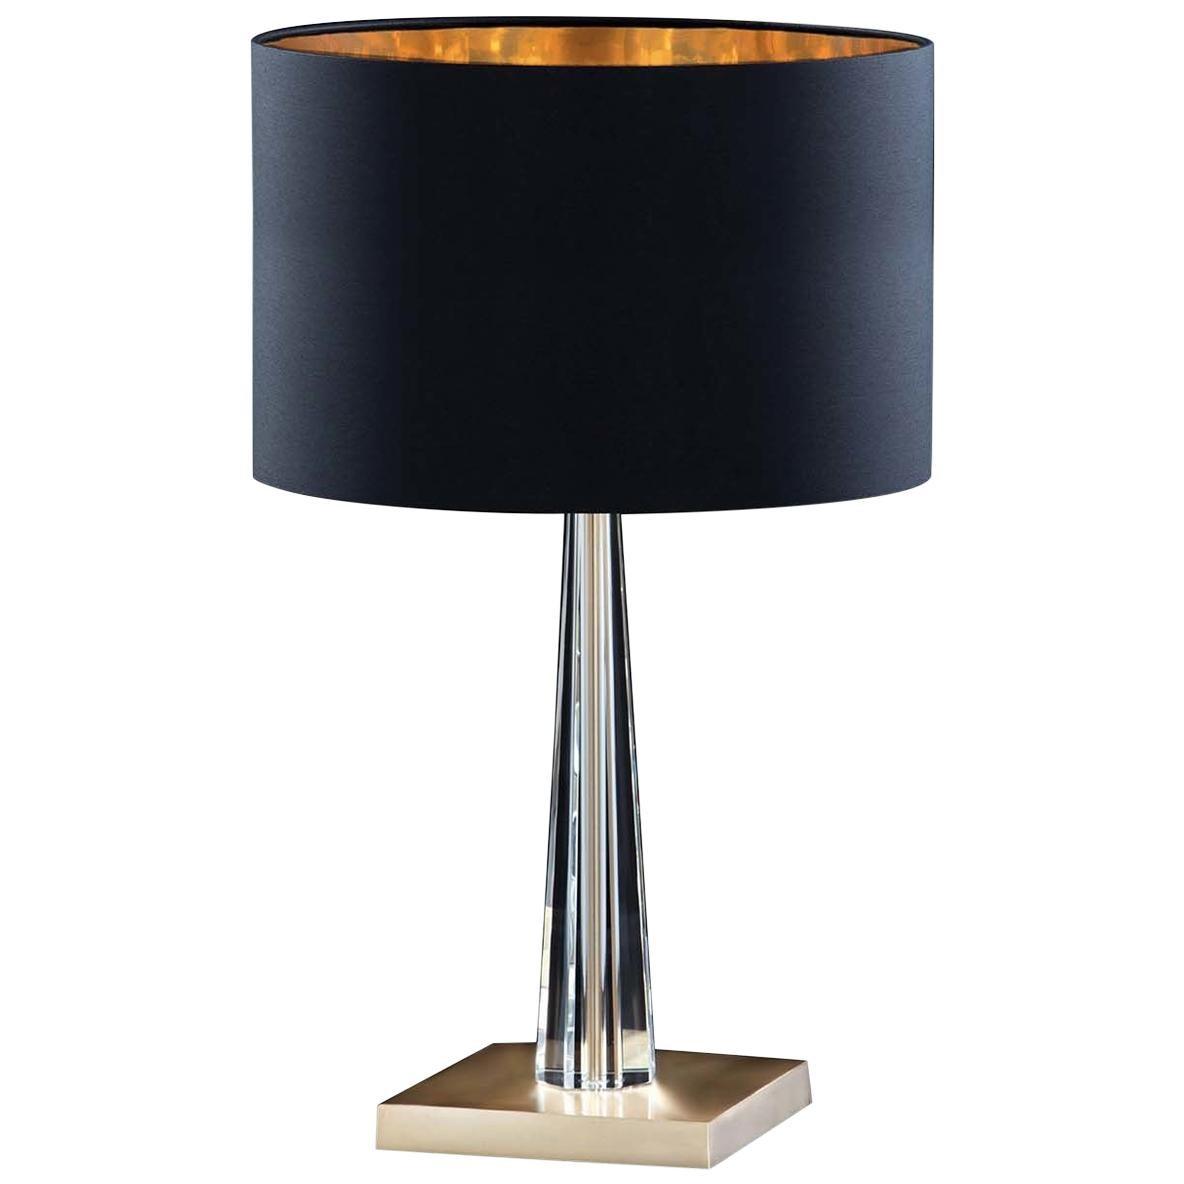 Flavia Table Lamp